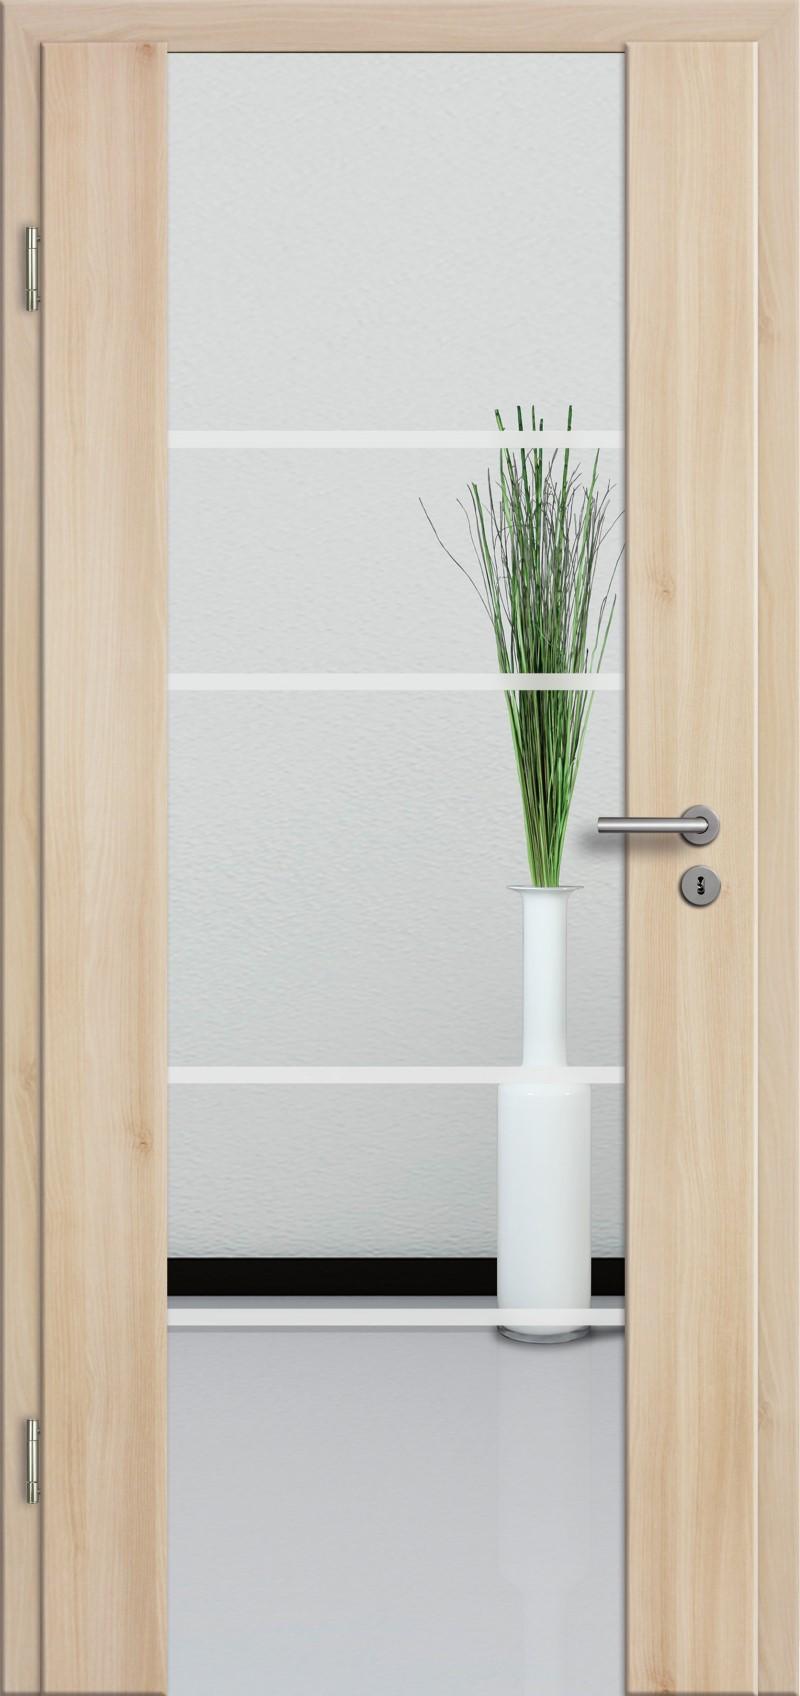 holzglast r mit glasmotiv sand 29 cpl. Black Bedroom Furniture Sets. Home Design Ideas